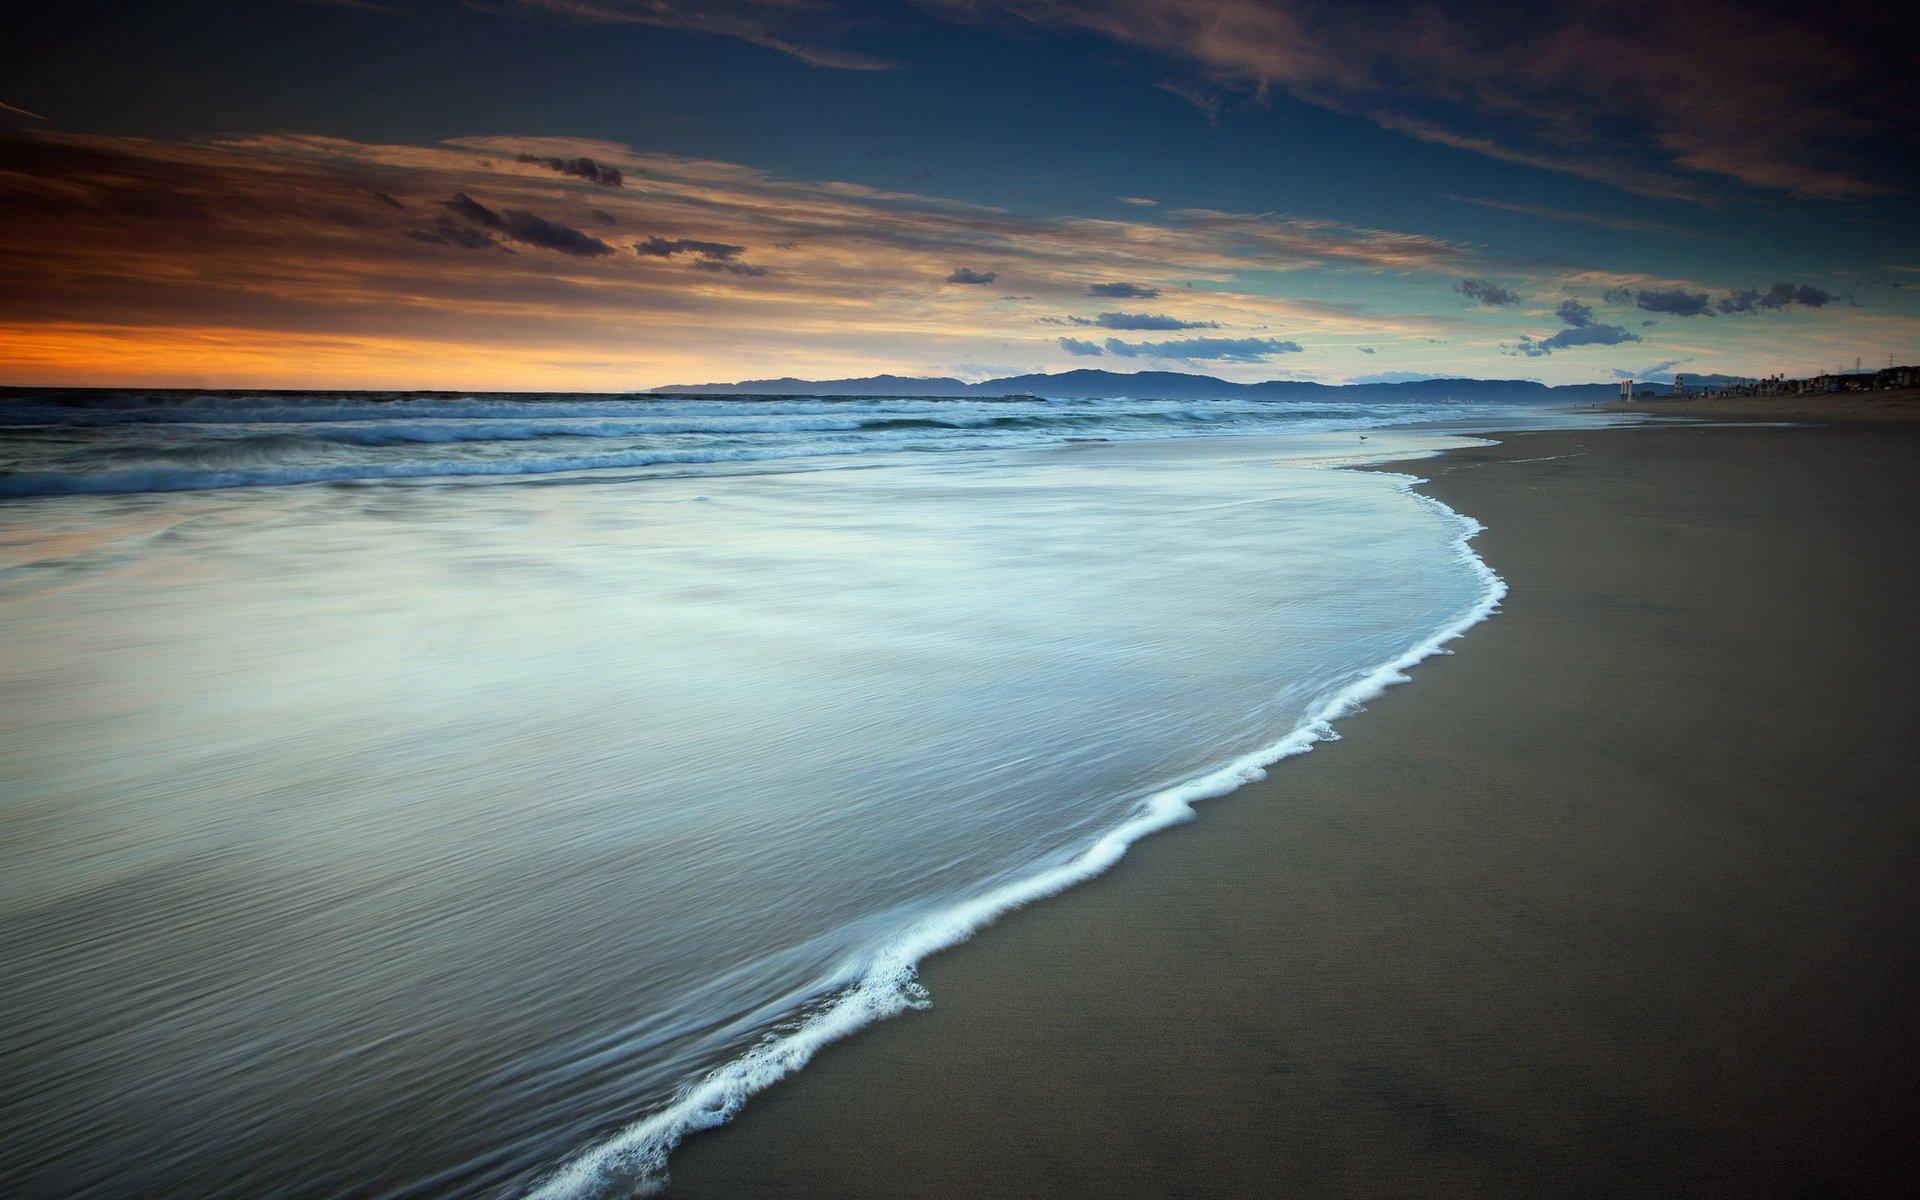 Море закат волна  № 3891475 бесплатно